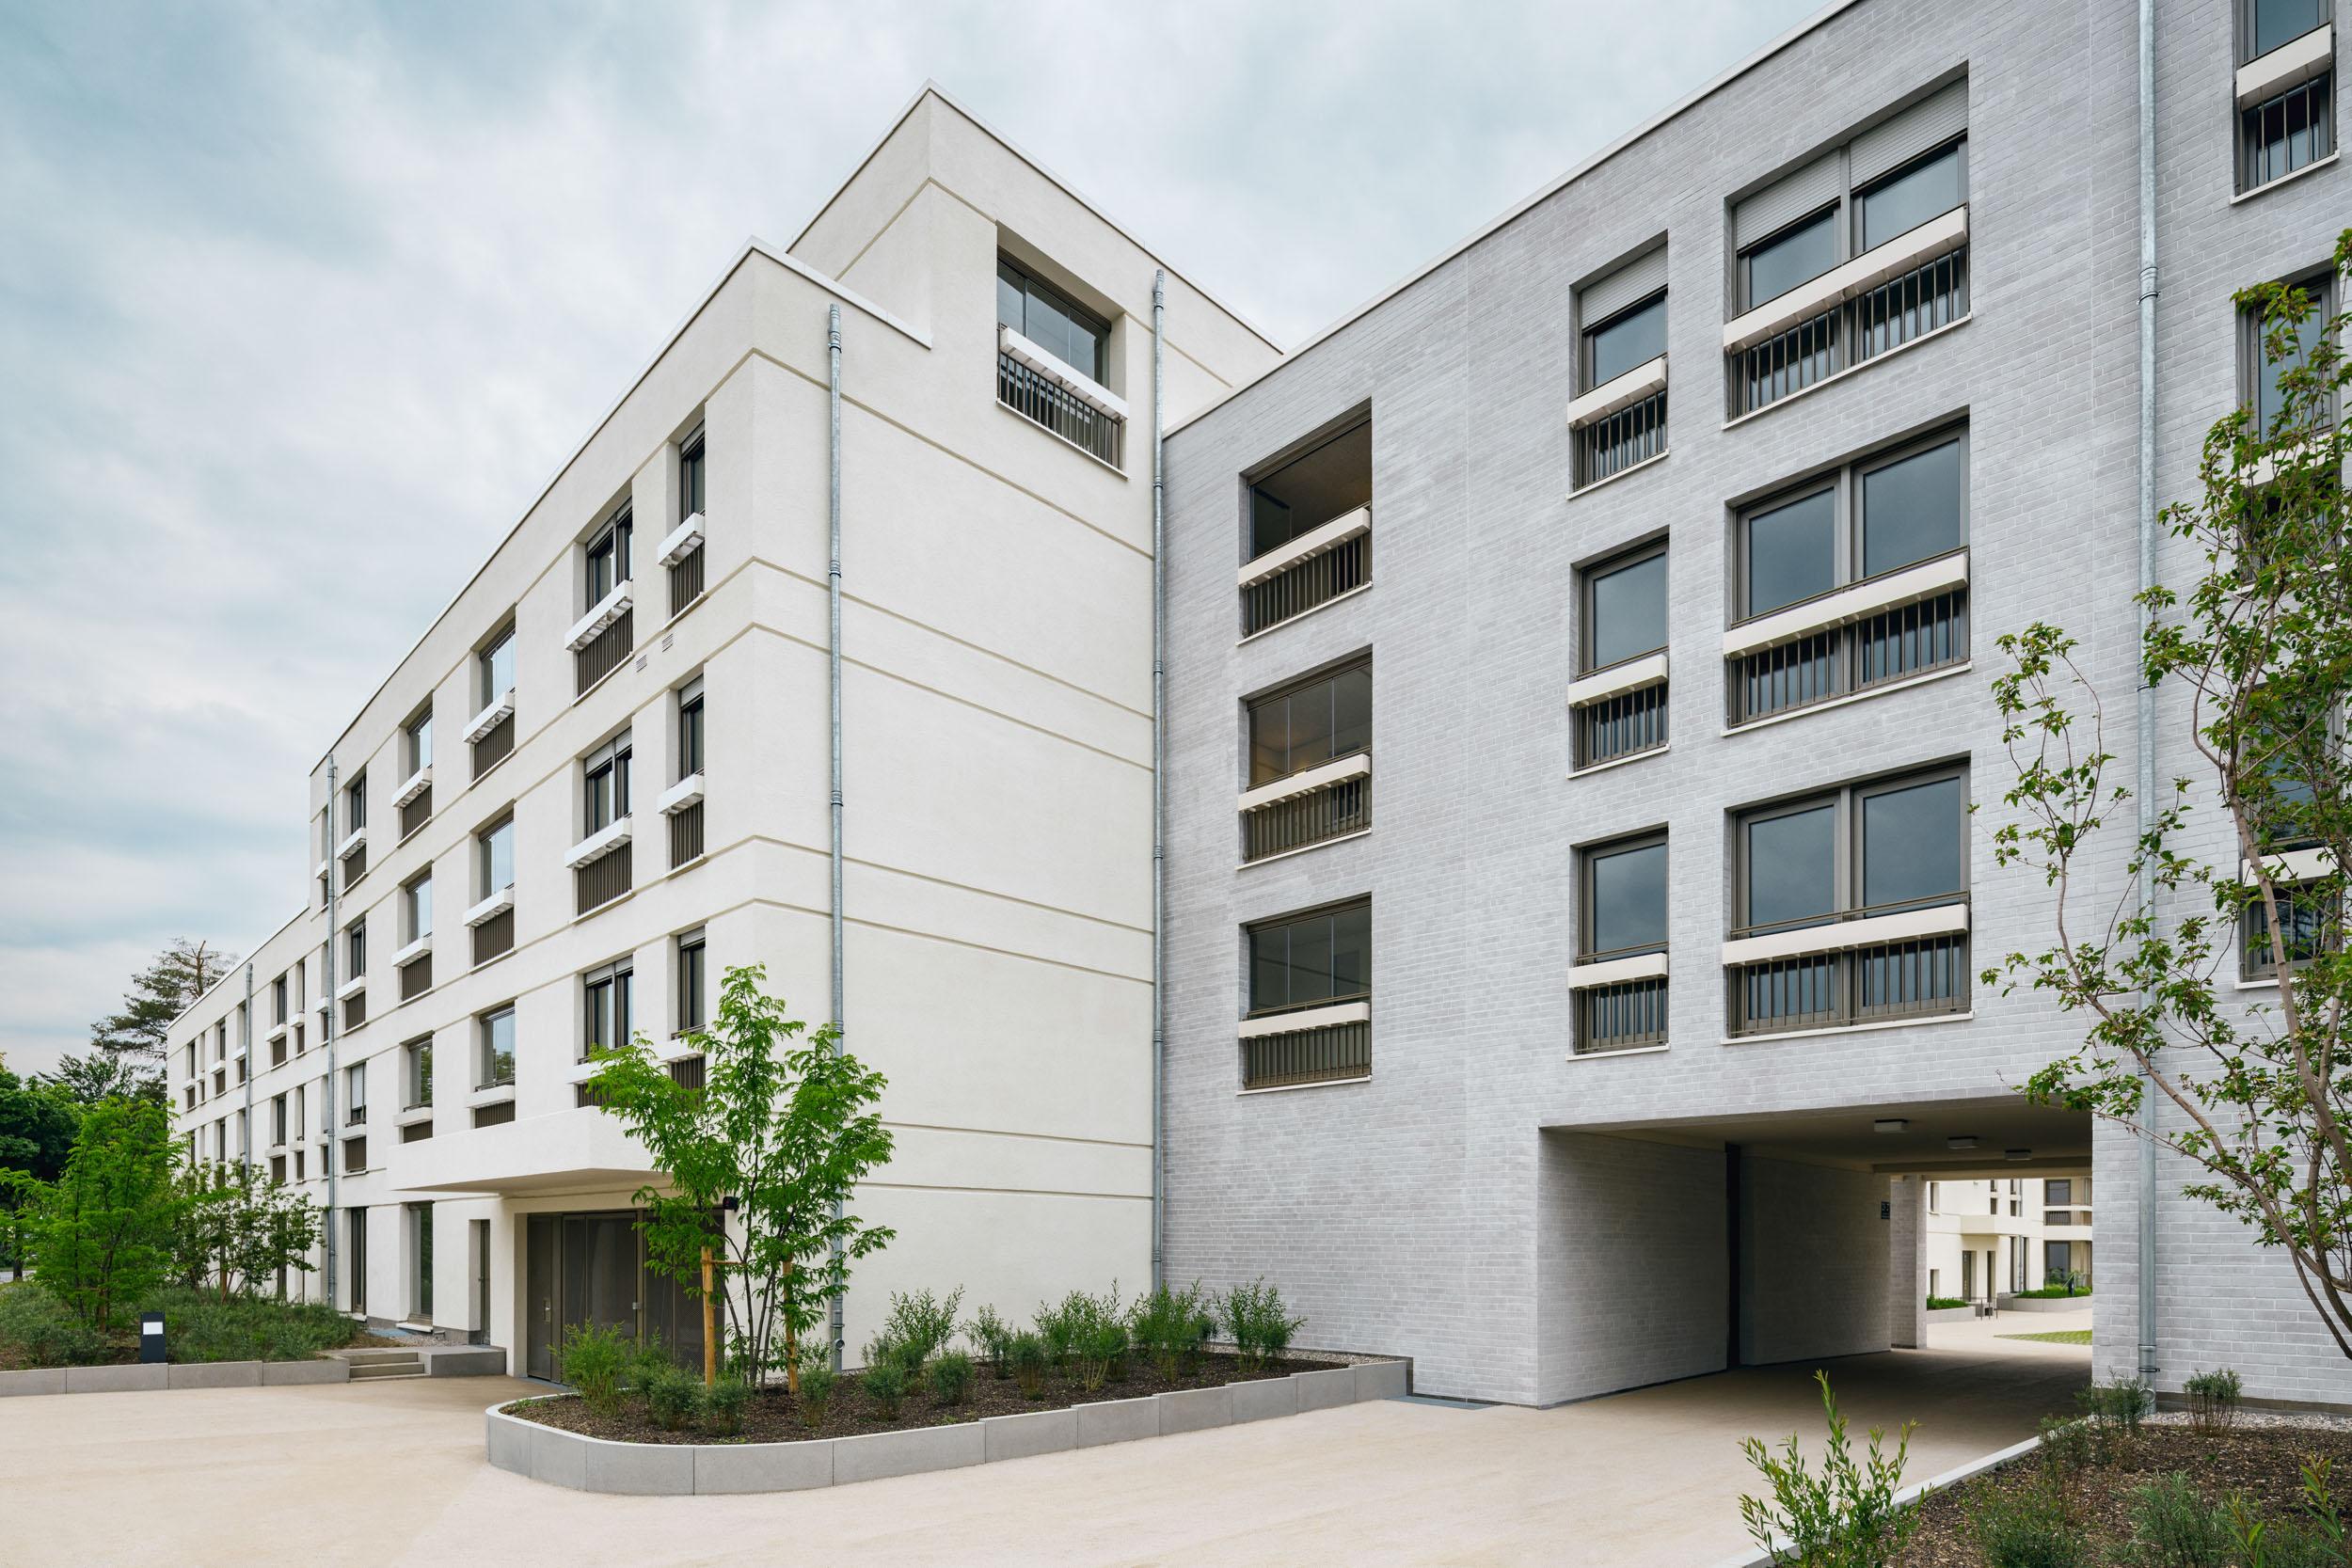 Gustav-Epple-Bauunternehmung-Tru-Living-München-Wohnbau-2020-TruLiving_MLX6834#00